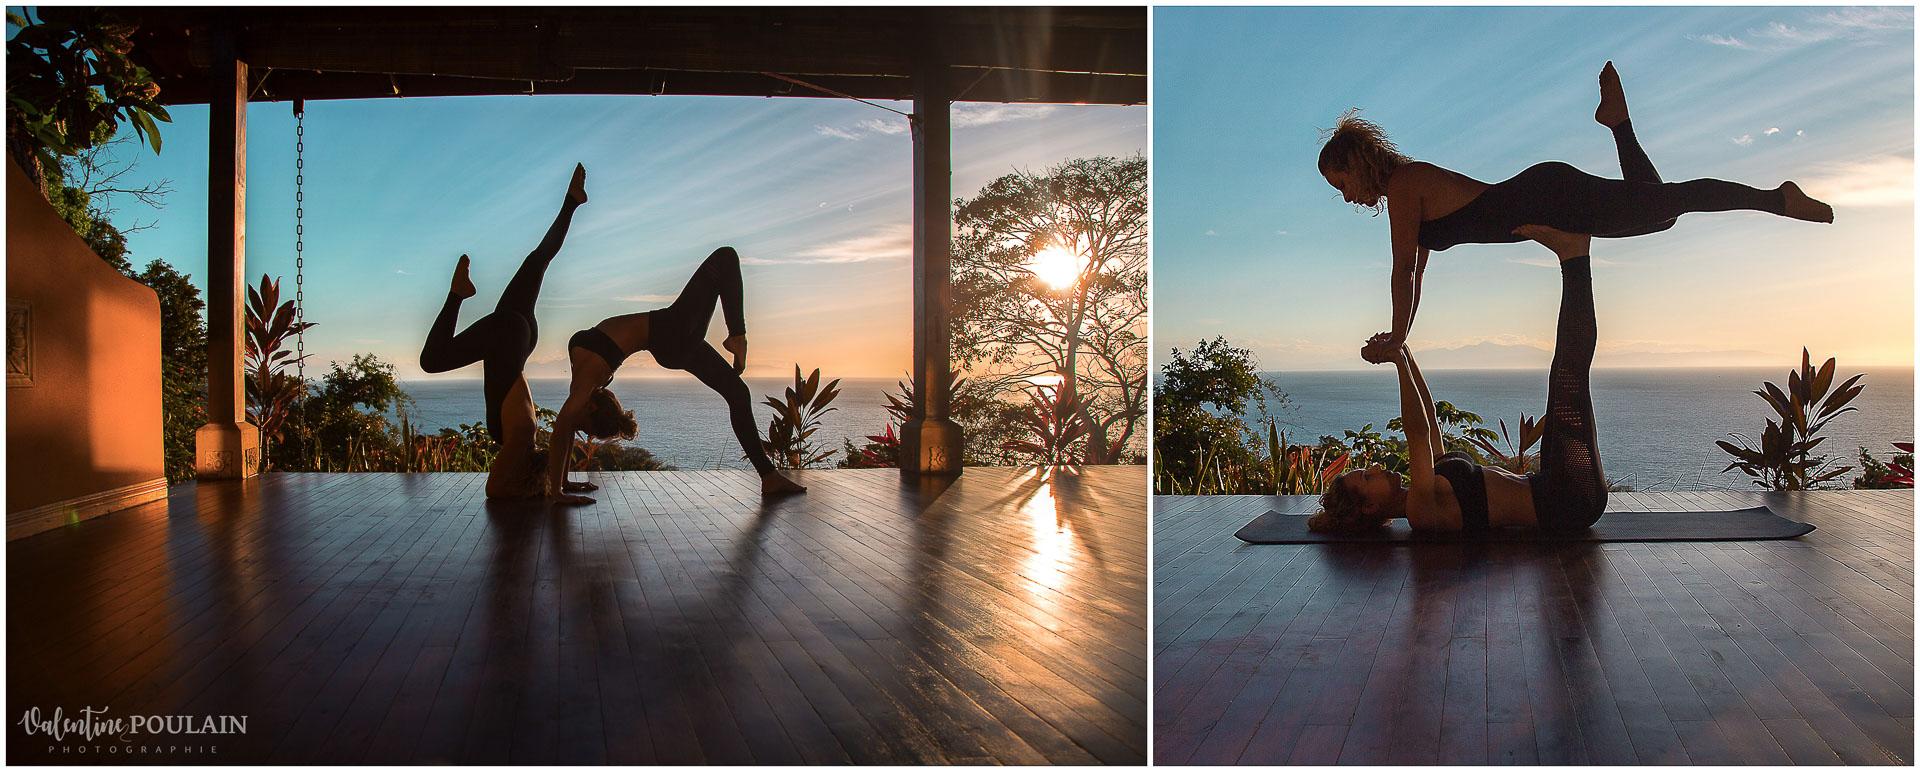 Photo Hotel Costa Rica ANAMAYA_ Valentine Poulain acroyoga